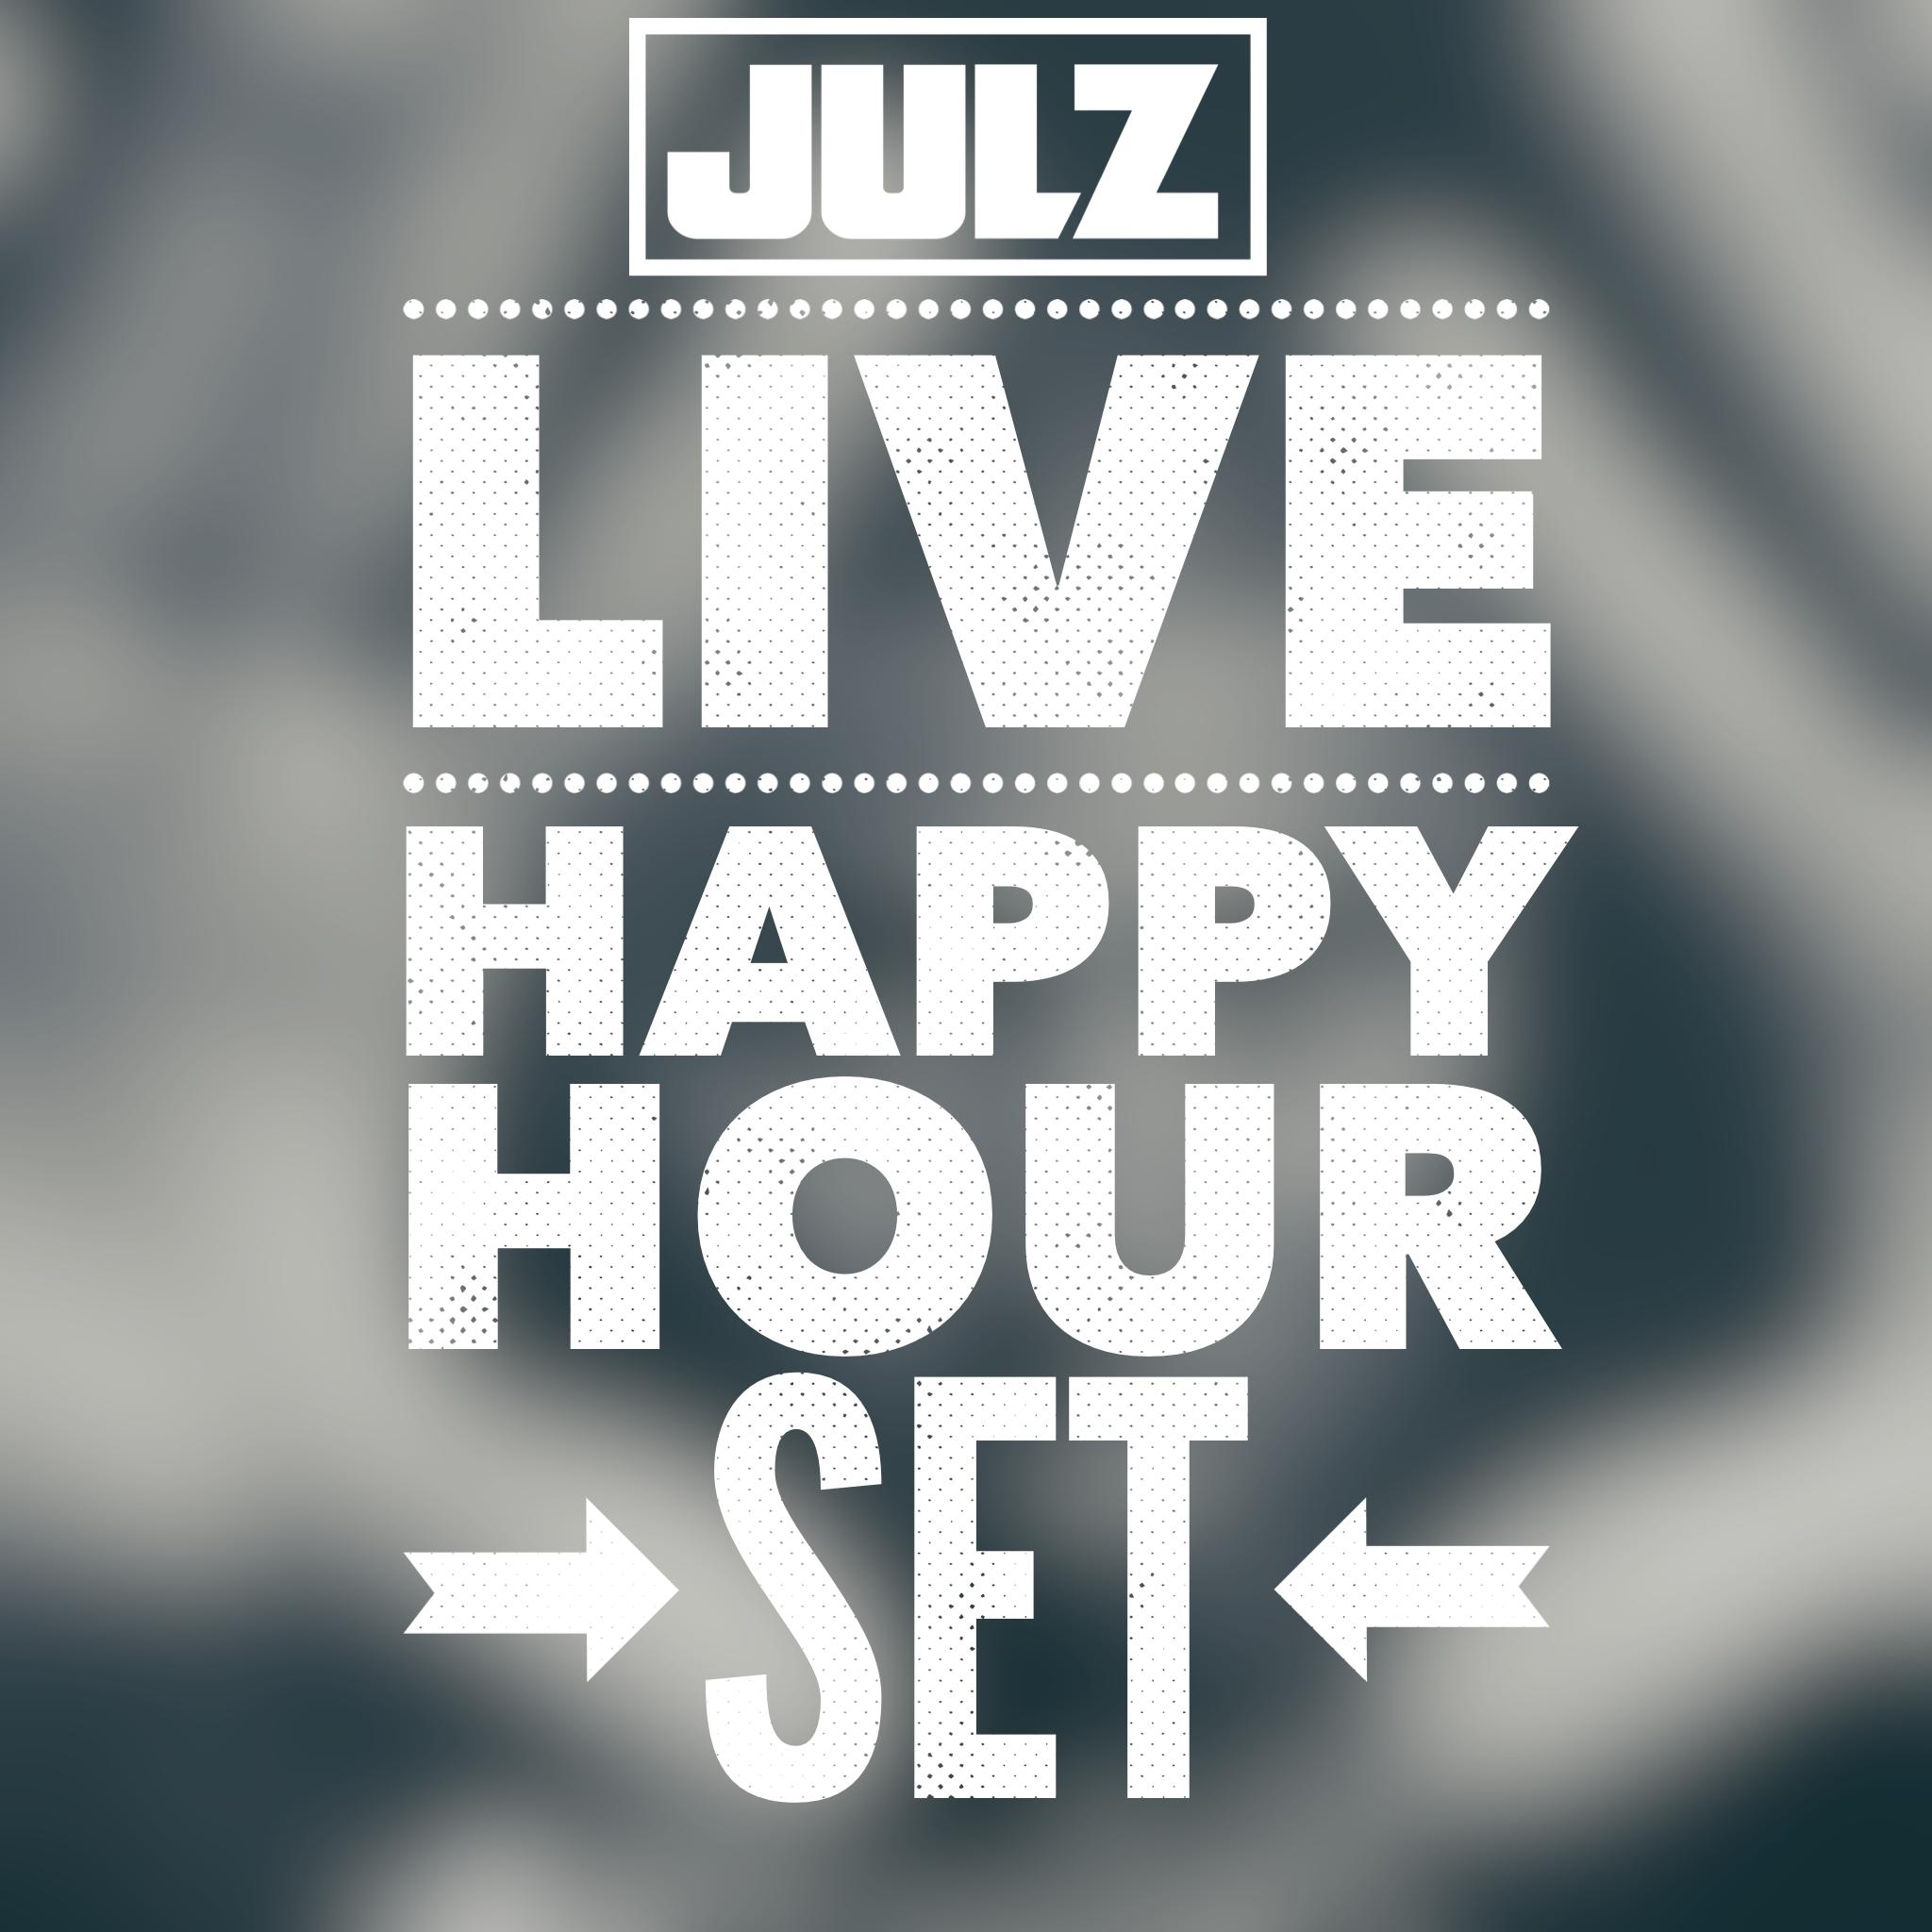 Live Happy Hour Set 2017